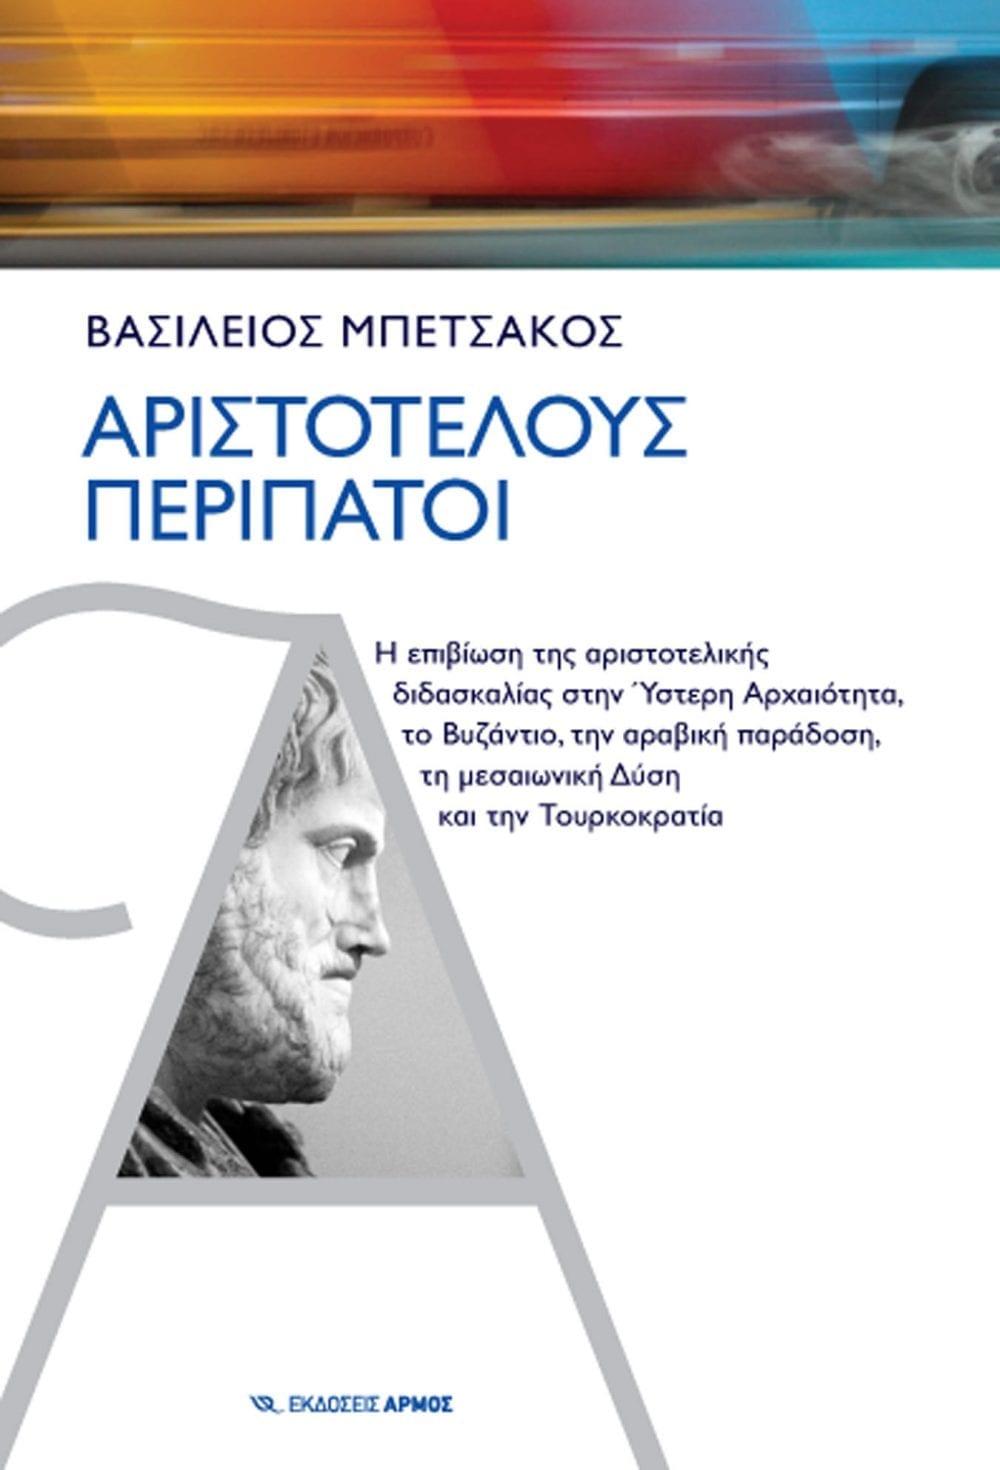 aristotelous peripatoi betsakos